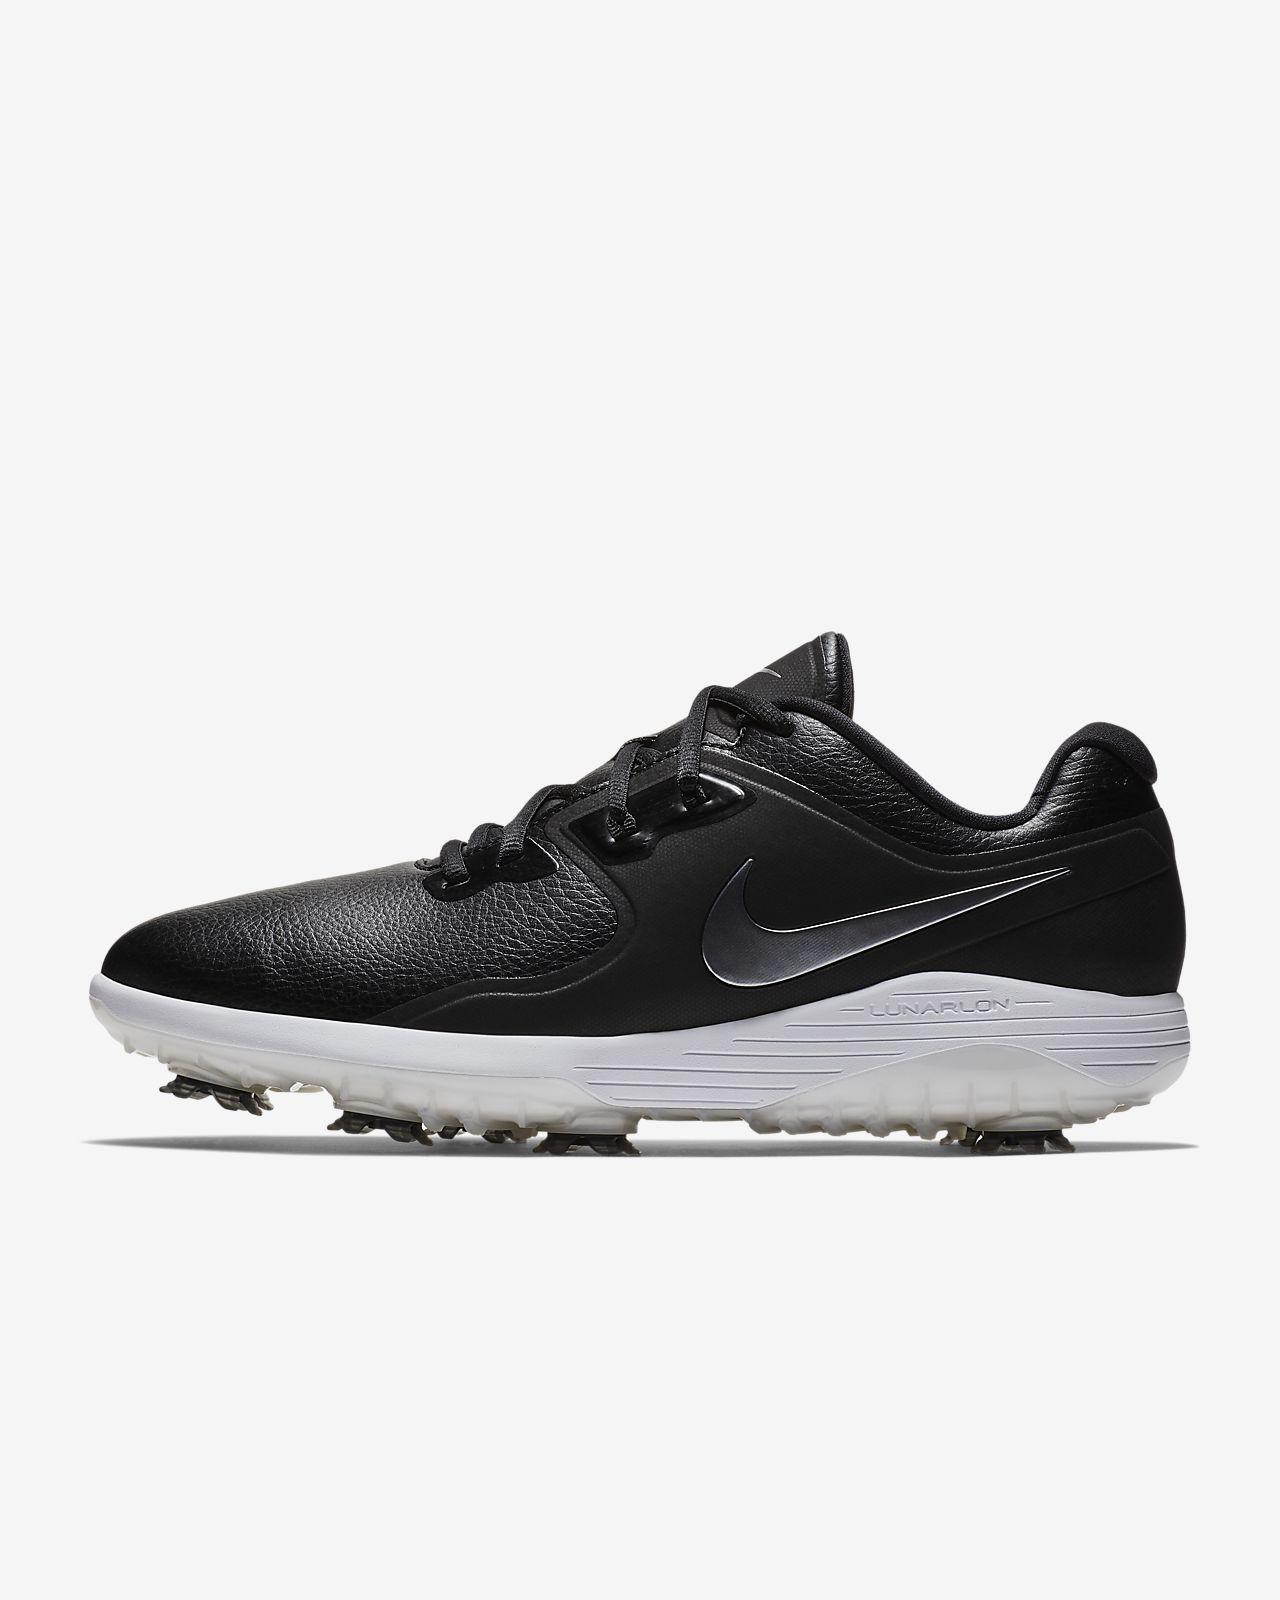 huge discount 278e5 afe68 ... Nike Vapor Pro Zapatillas de golf - Hombre